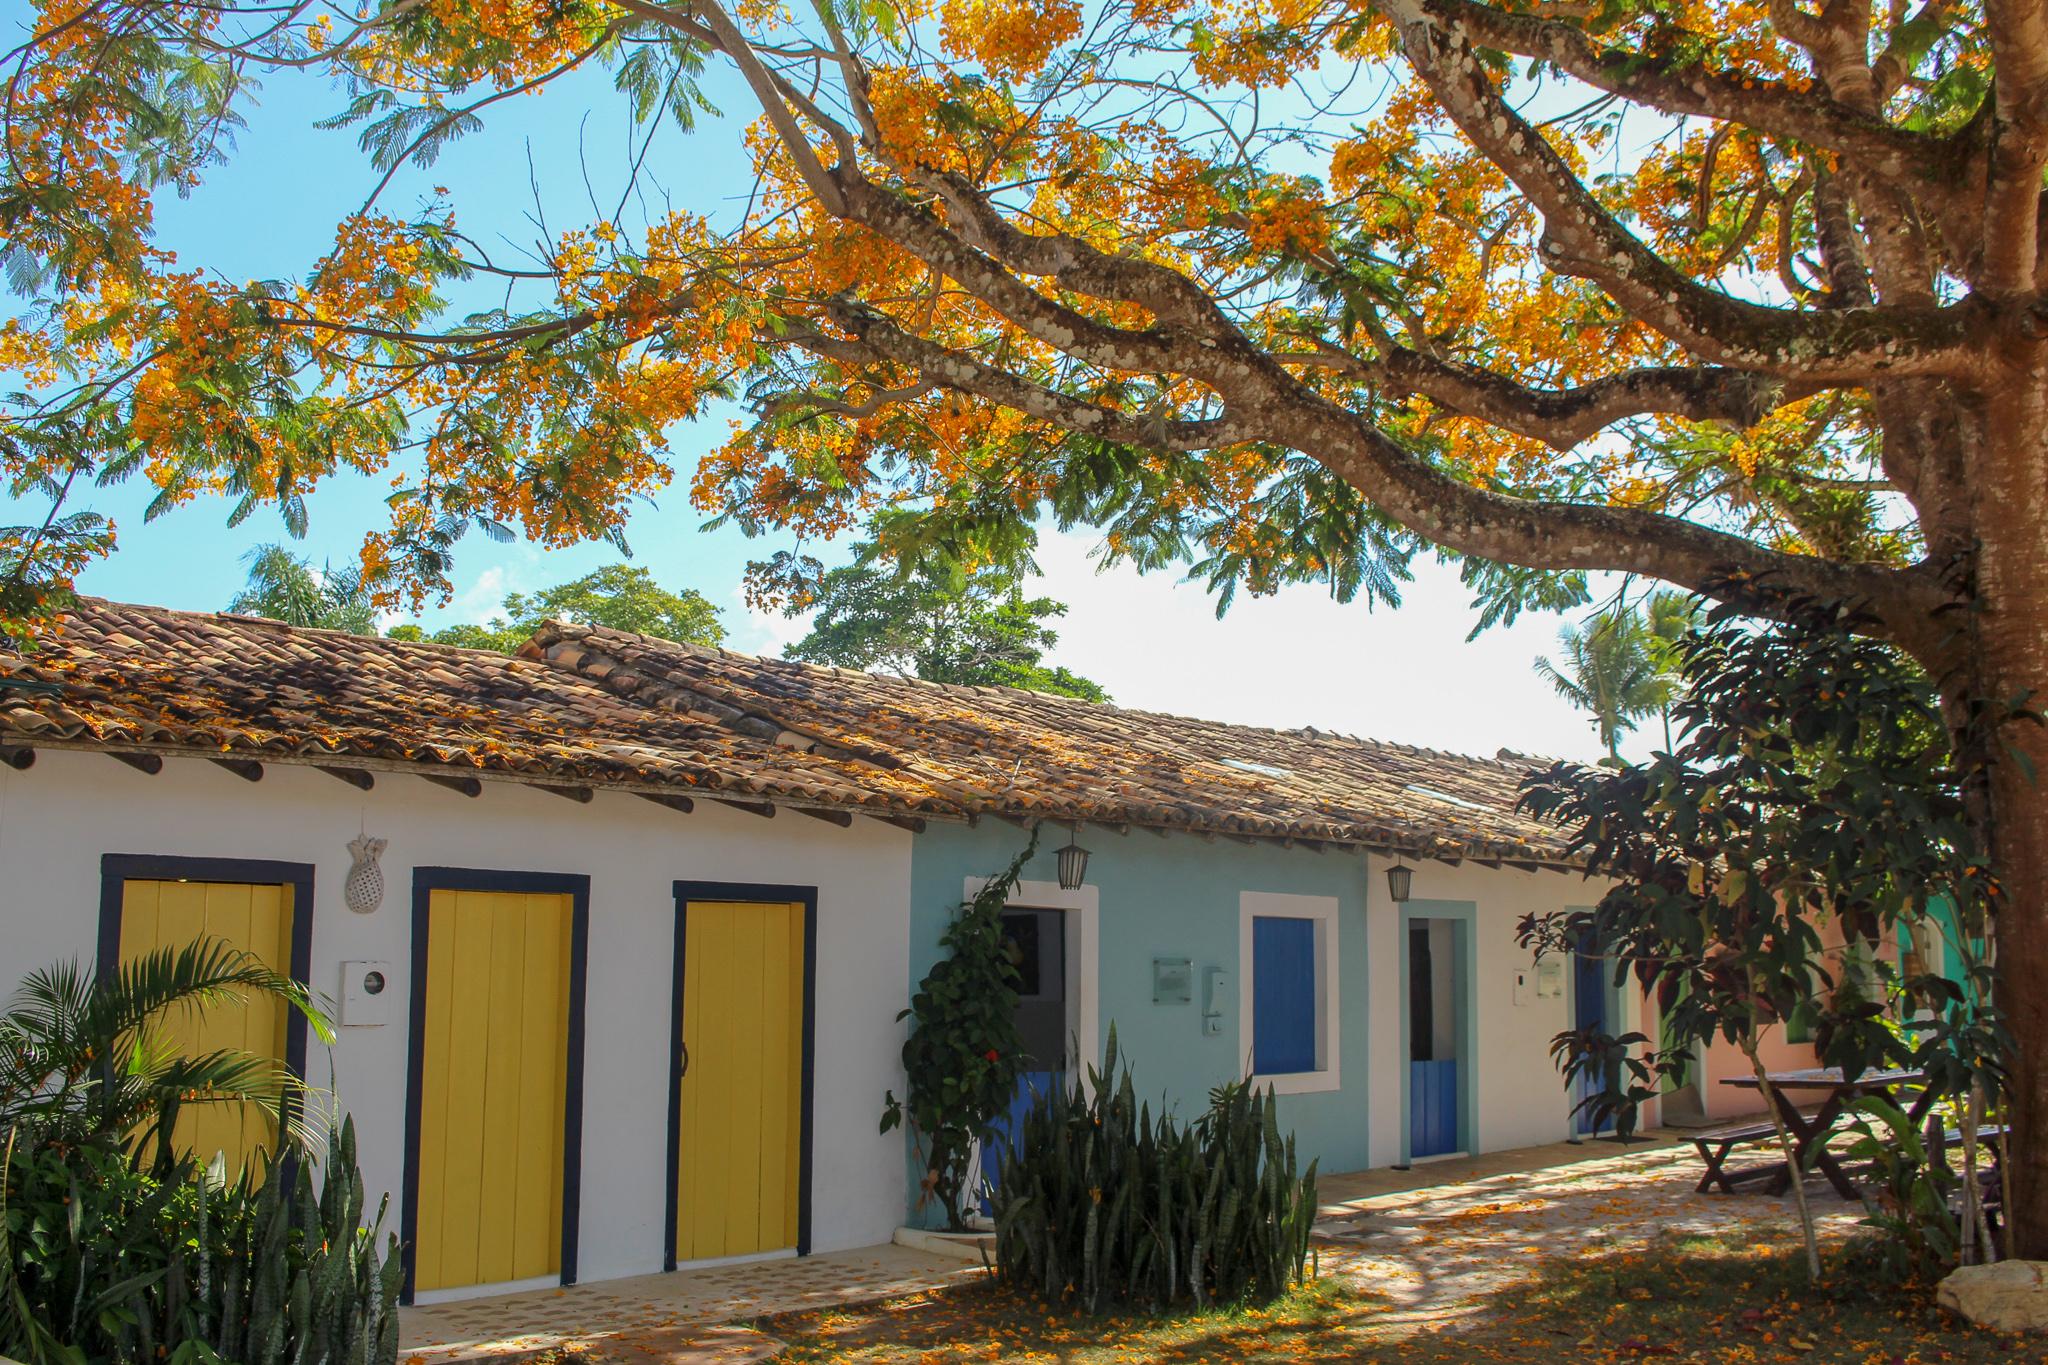 quadrado_trancoso_casinhas_coloridas